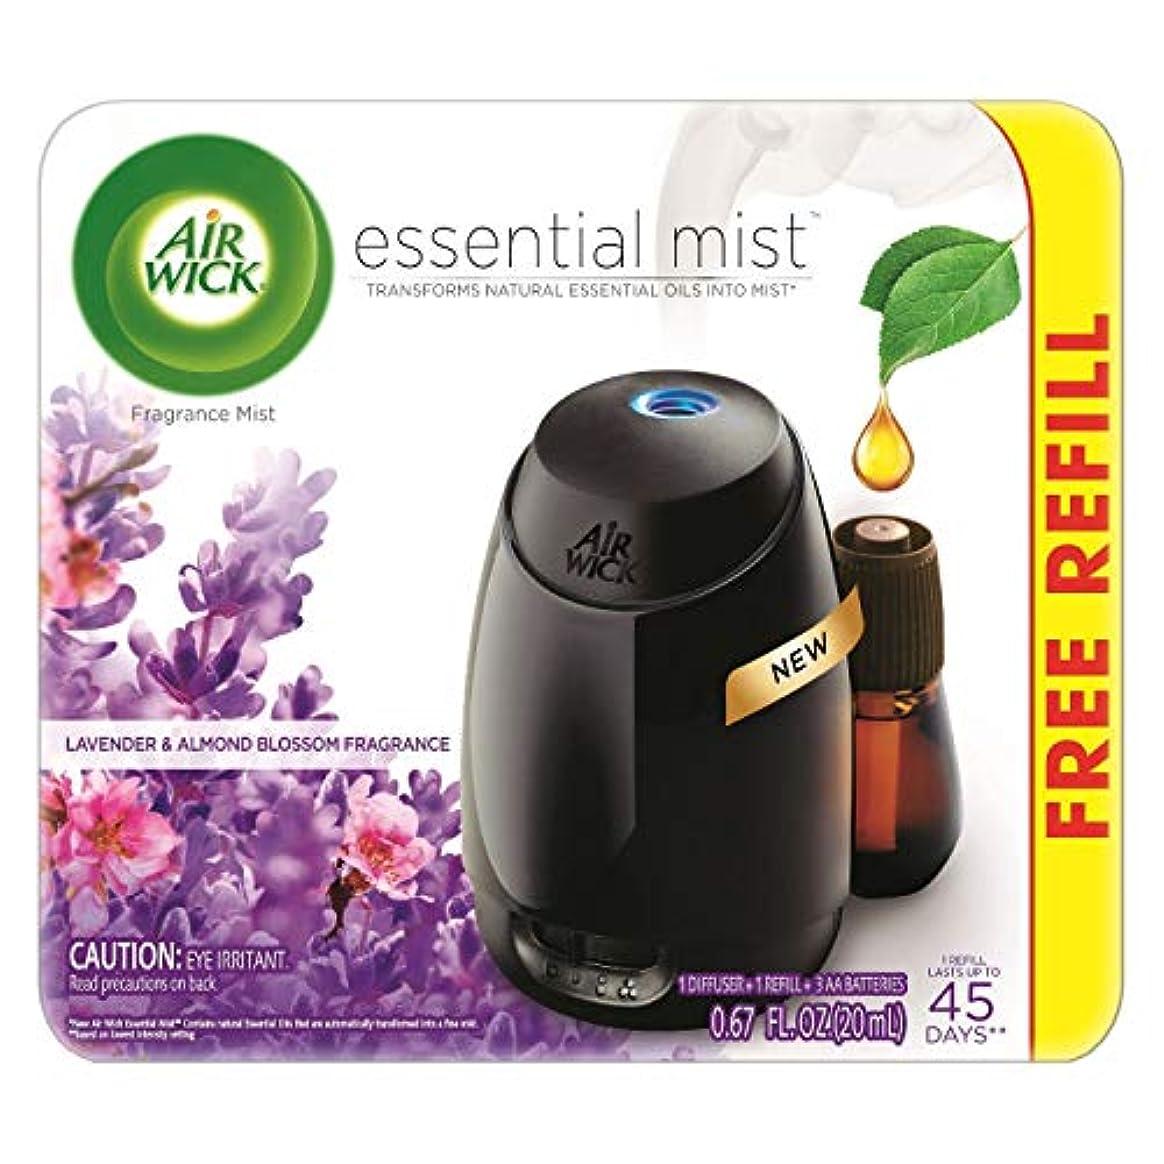 容器シャンパンムスタチオAir Wick Fresh Lavender & Almond Blossom Fragrance Essential エアーウィックフレッシュフレグランスエッセンシャルミスト本体+ ラベンダー&アーモンドブロッサム...